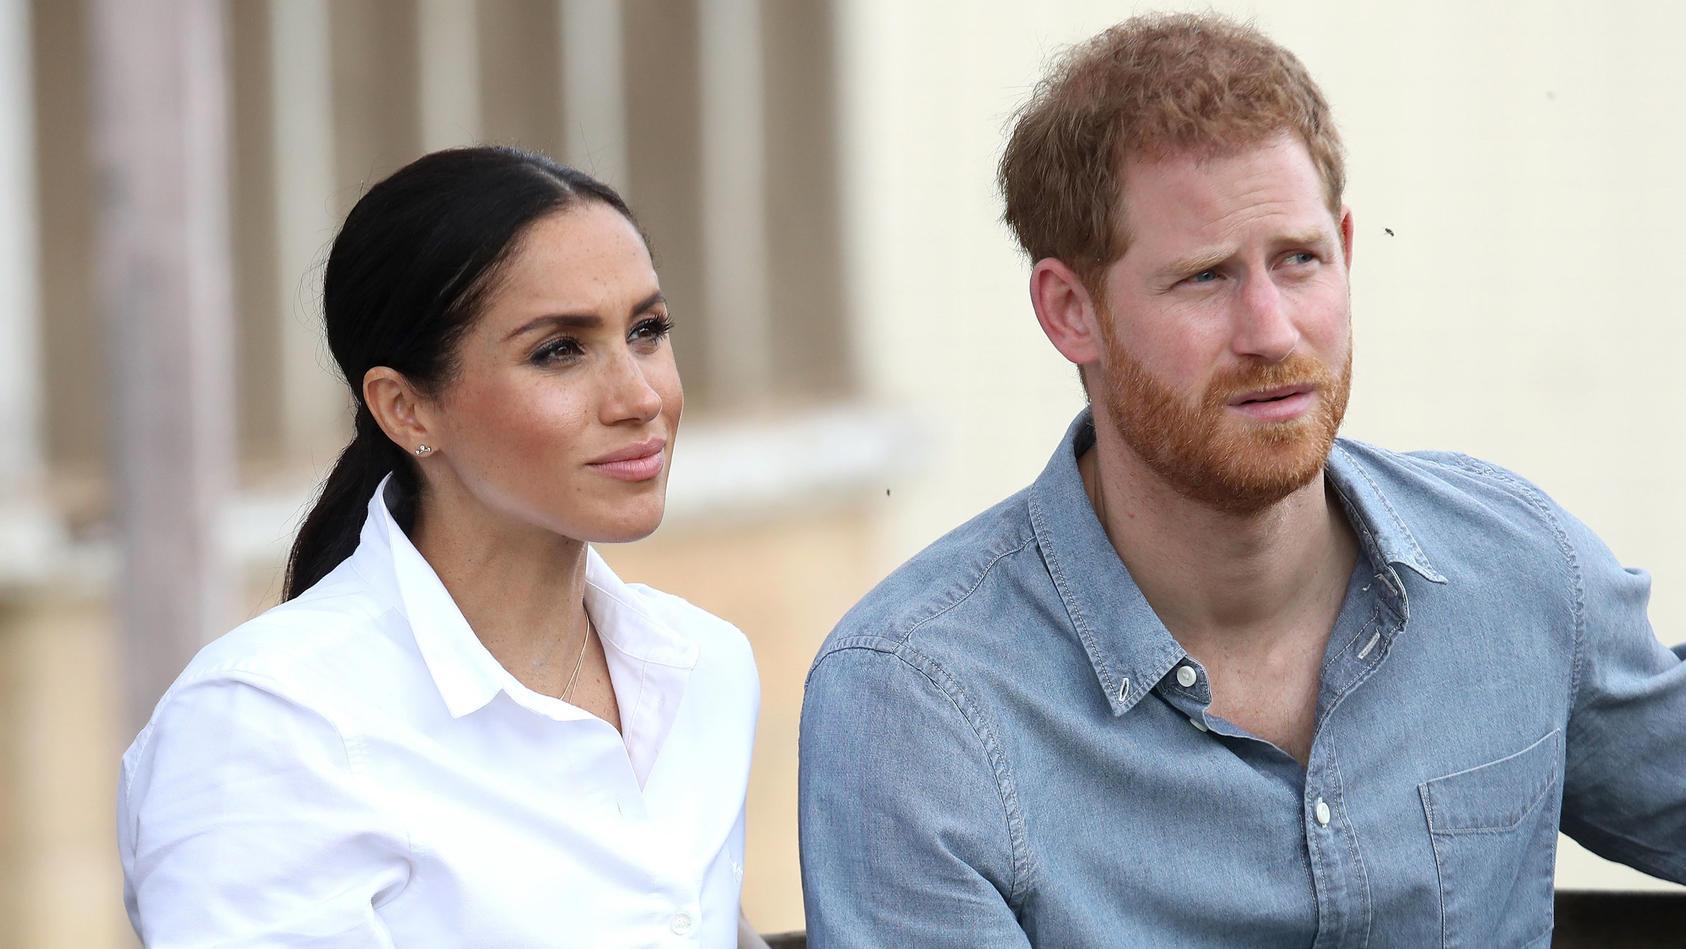 Herzogin Meghan und Prinz Harry - sie sind bekannt dafür, neue Wege in Sachen Monarchie zu gehen.  Prinz Harry soll bei dem ganzen Spiel allerdings die Fäden in der Hand haben.